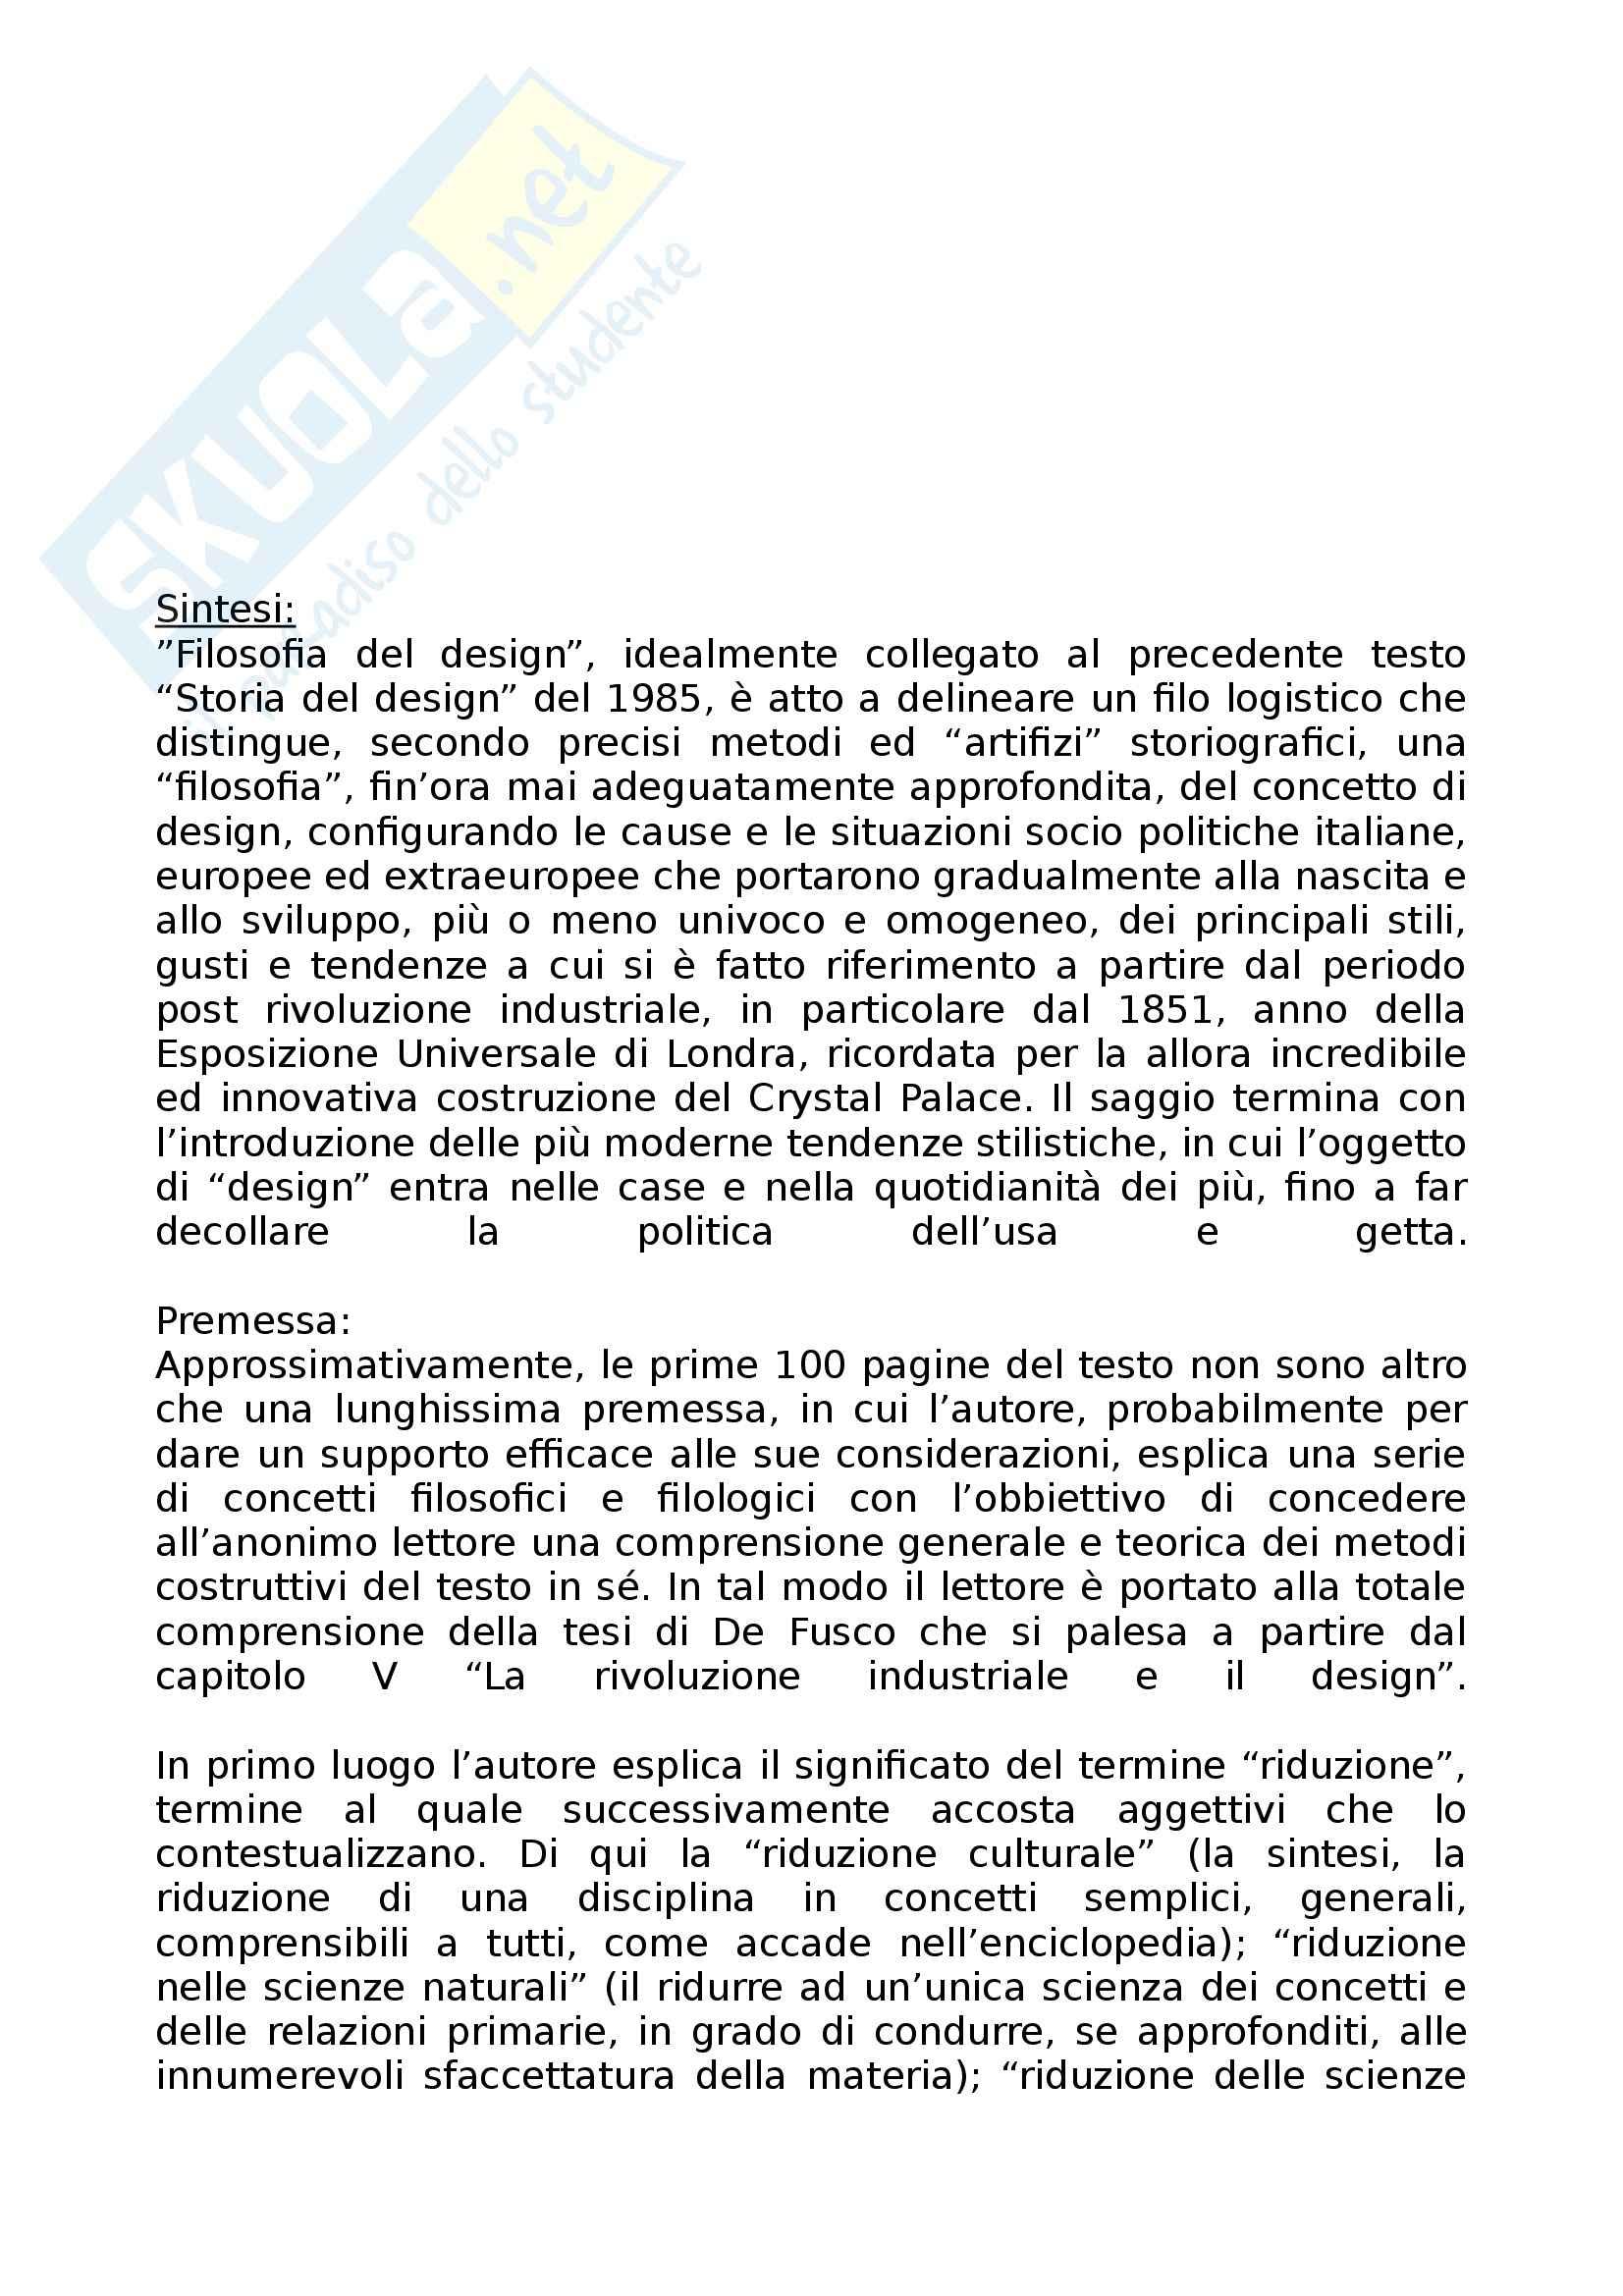 Riassunto esame Storia dell'Architettura dell'Arte e del Design, prof. Irace, libro consigliato Filosofia del Design di De Fusco